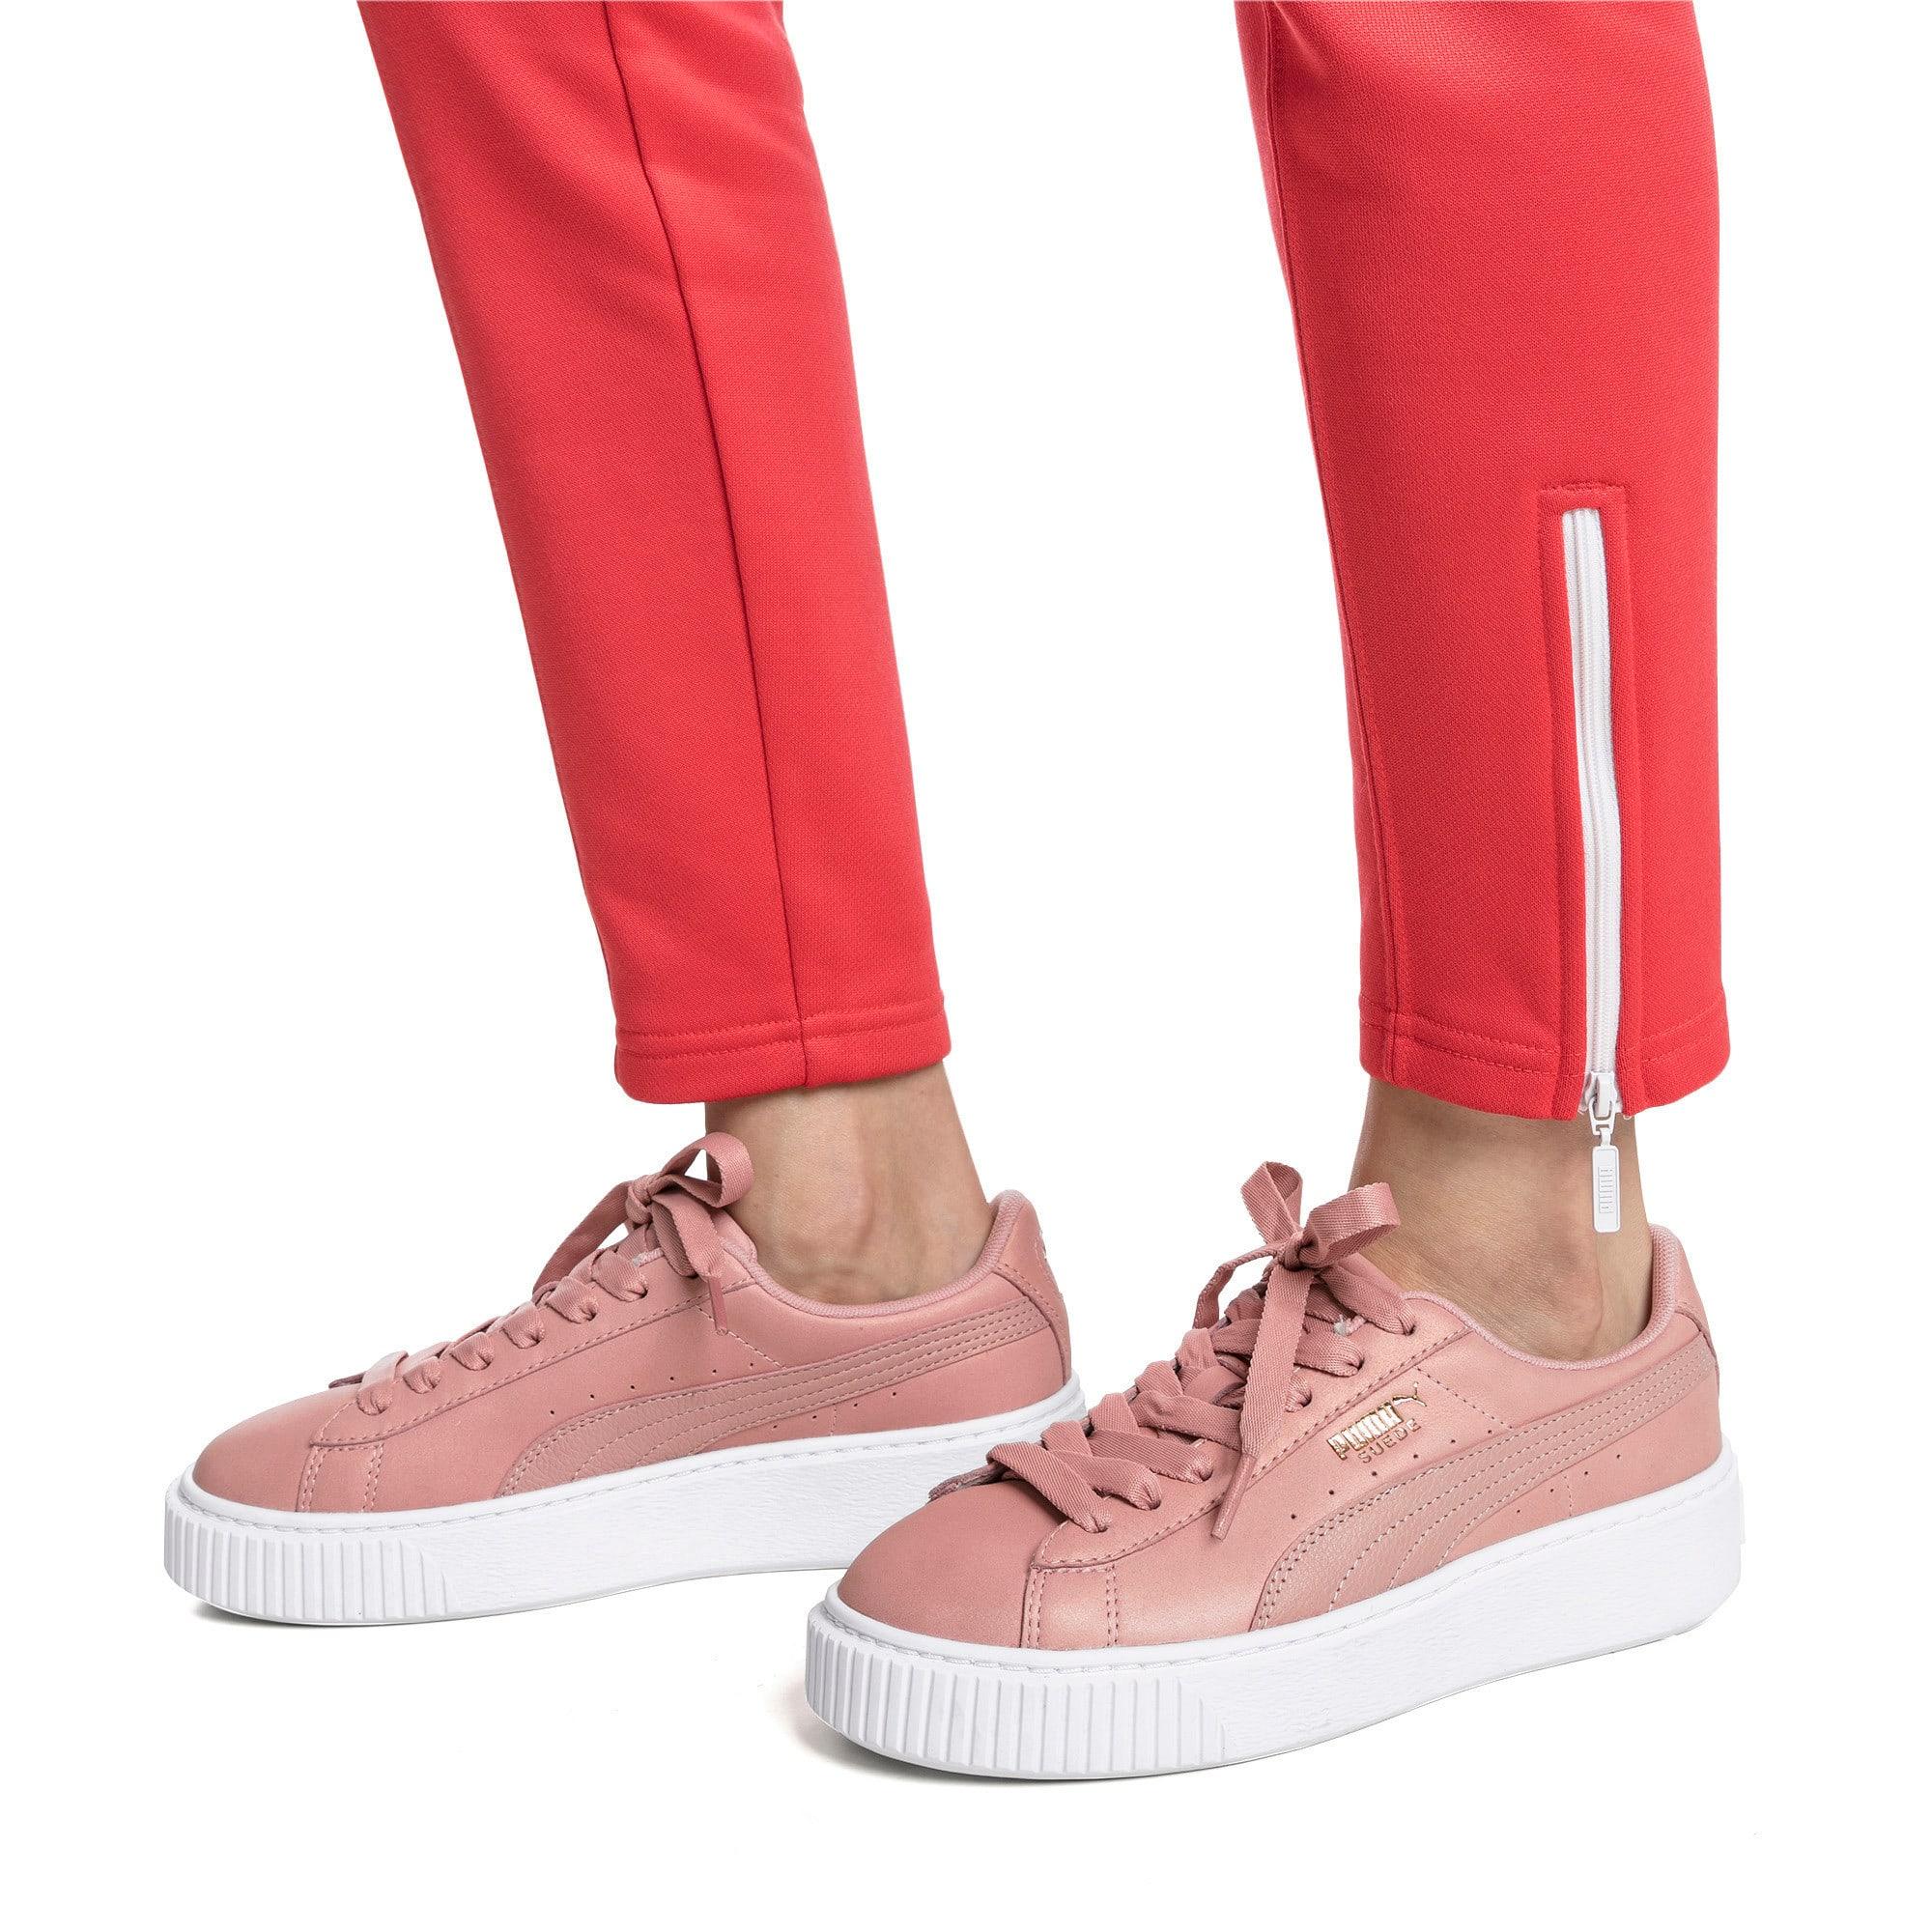 Thumbnail 2 of Suede Platform Shimmer Women's Sneakers, Bridal Rose-Puma White, medium